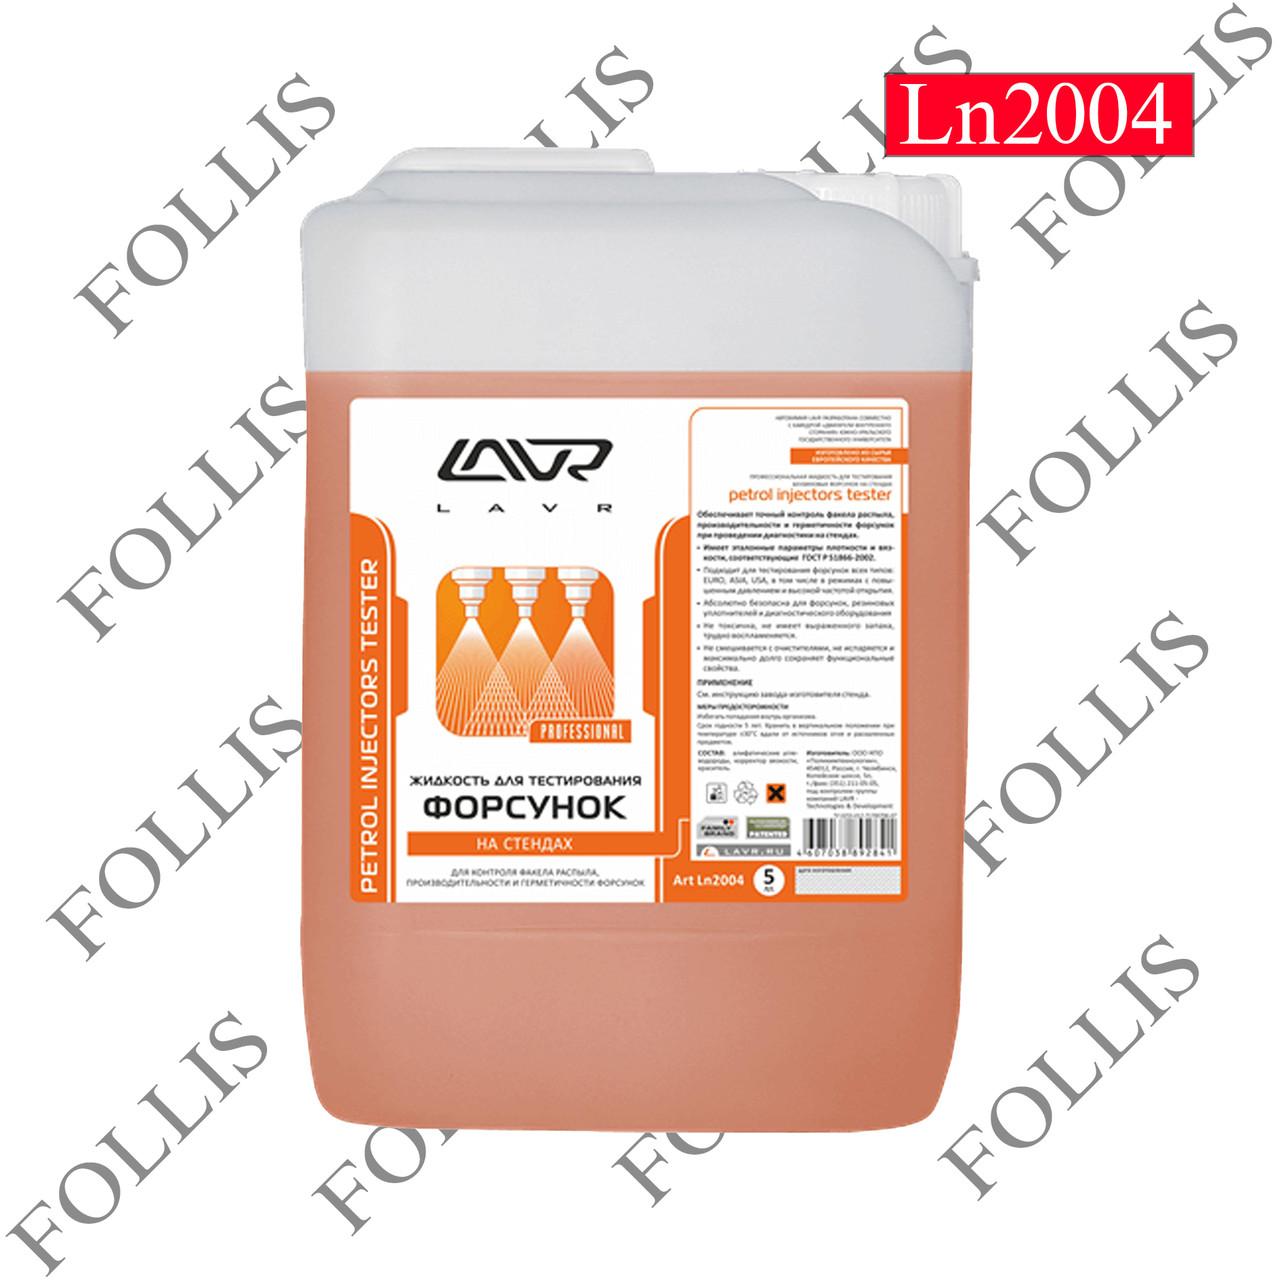 Жидкость для тестирования форсунок на стендах LAVR Petrol injector's tester 5л